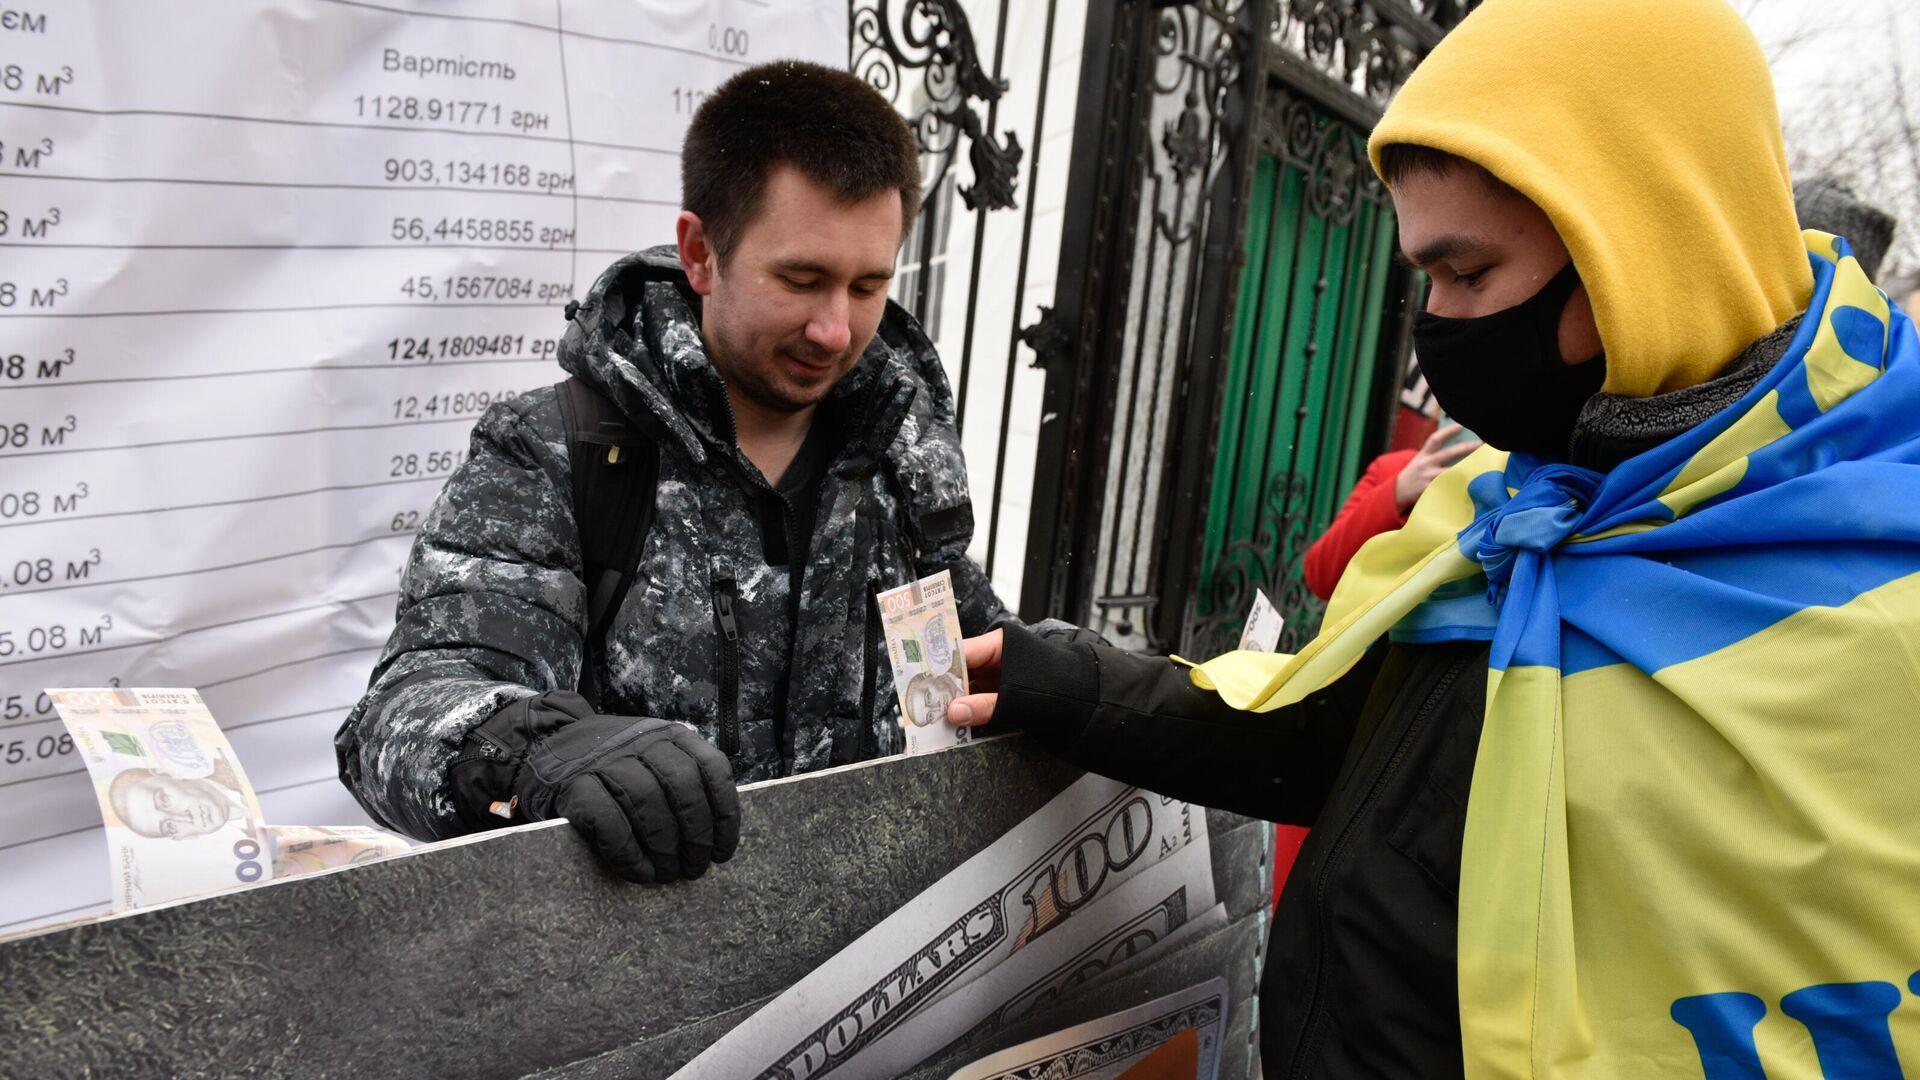 Участники акции Фирташ заплатит за все у здания Верховного суда Украины в Киеве - РИА Новости, 1920, 07.05.2021